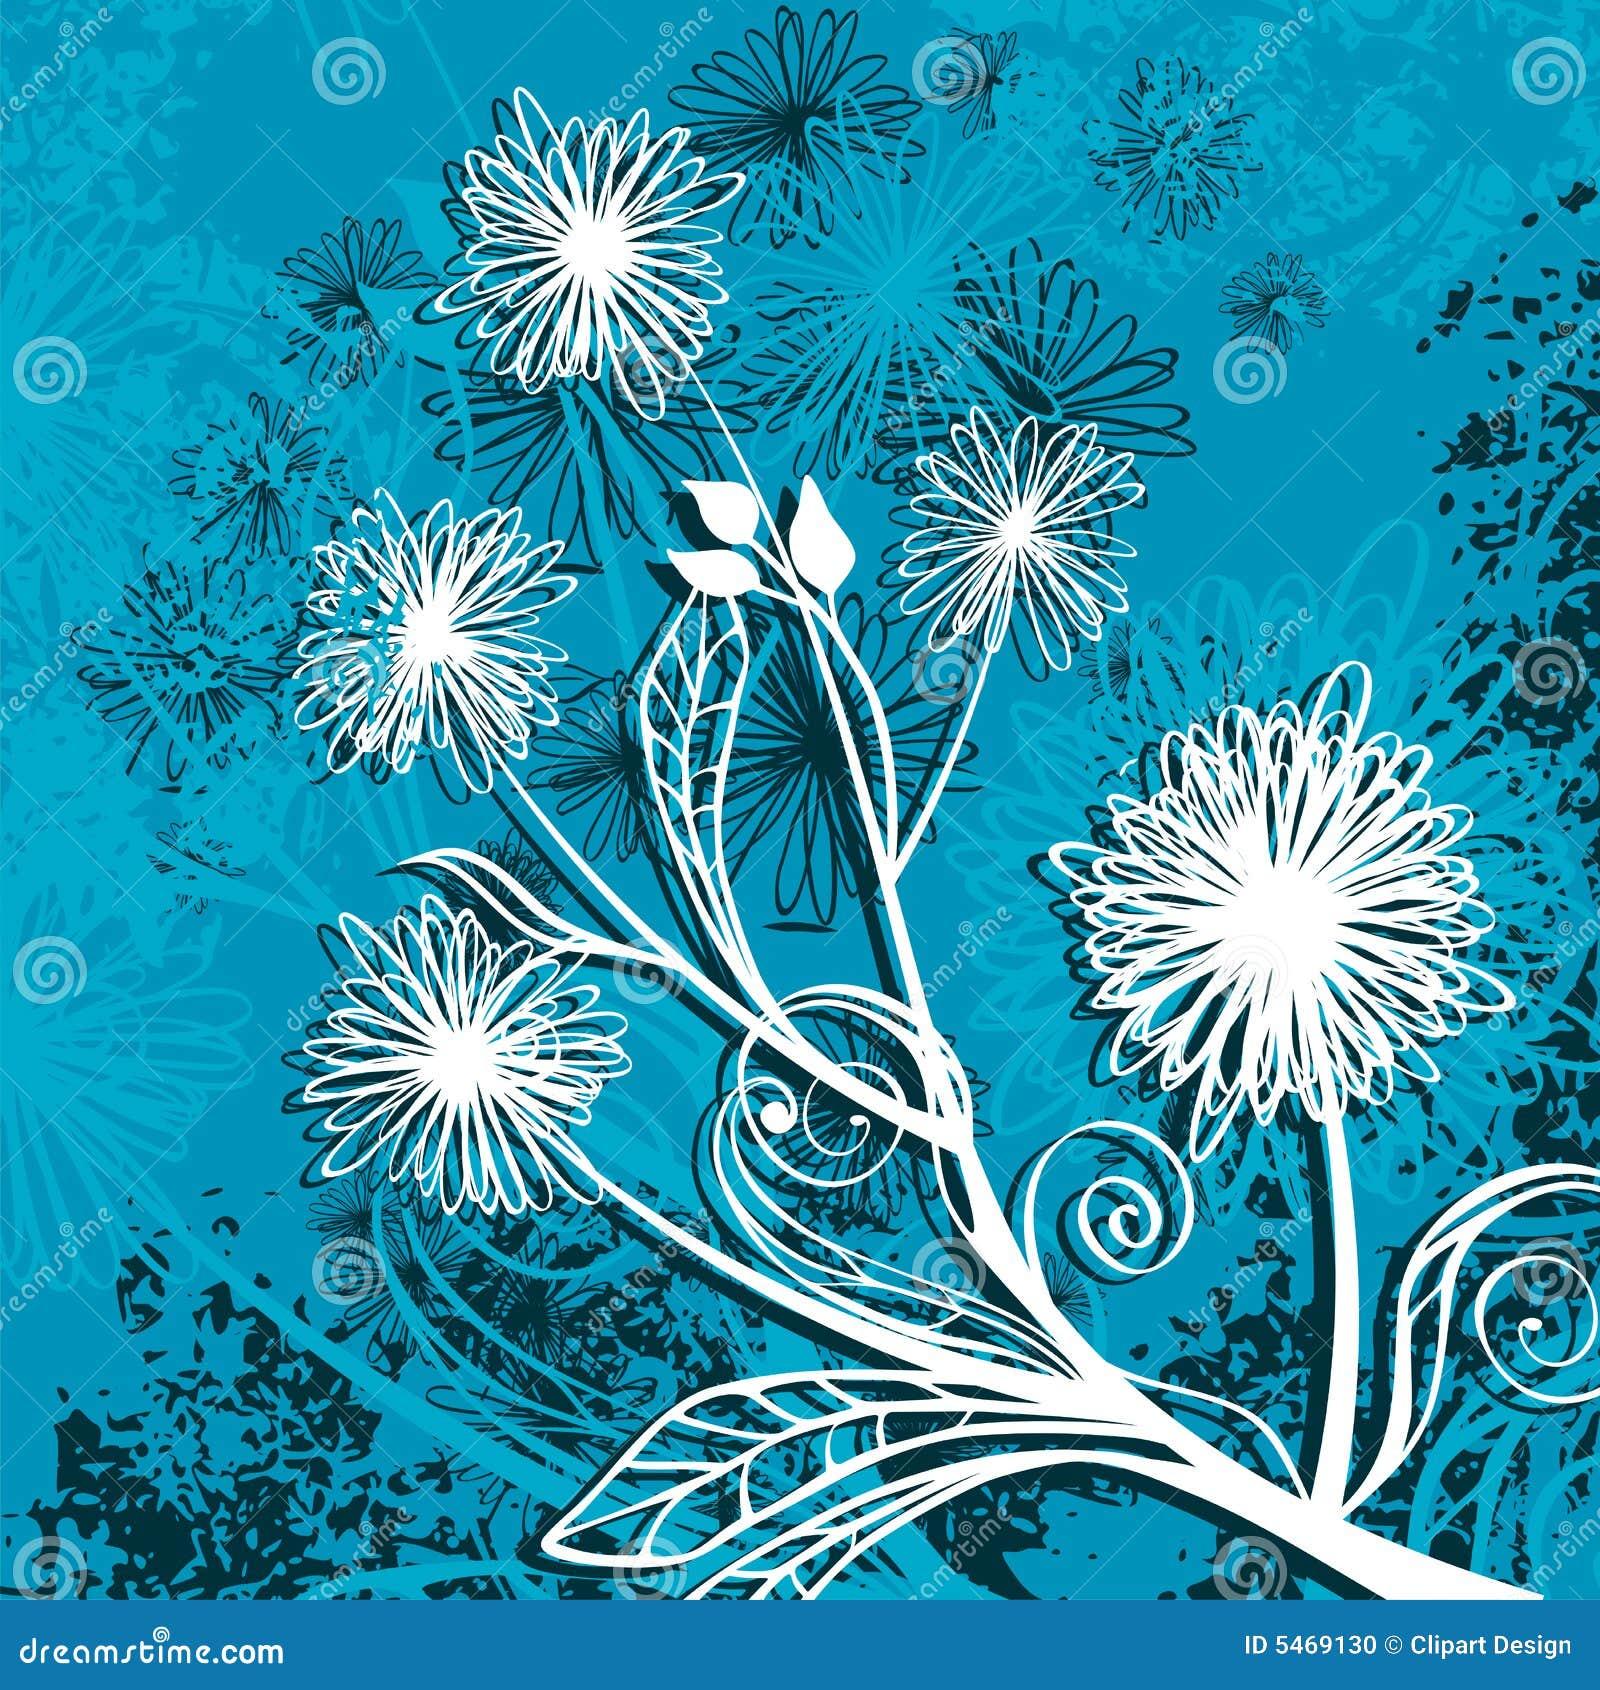 Floral grunge background stock vector. Illustration of ...